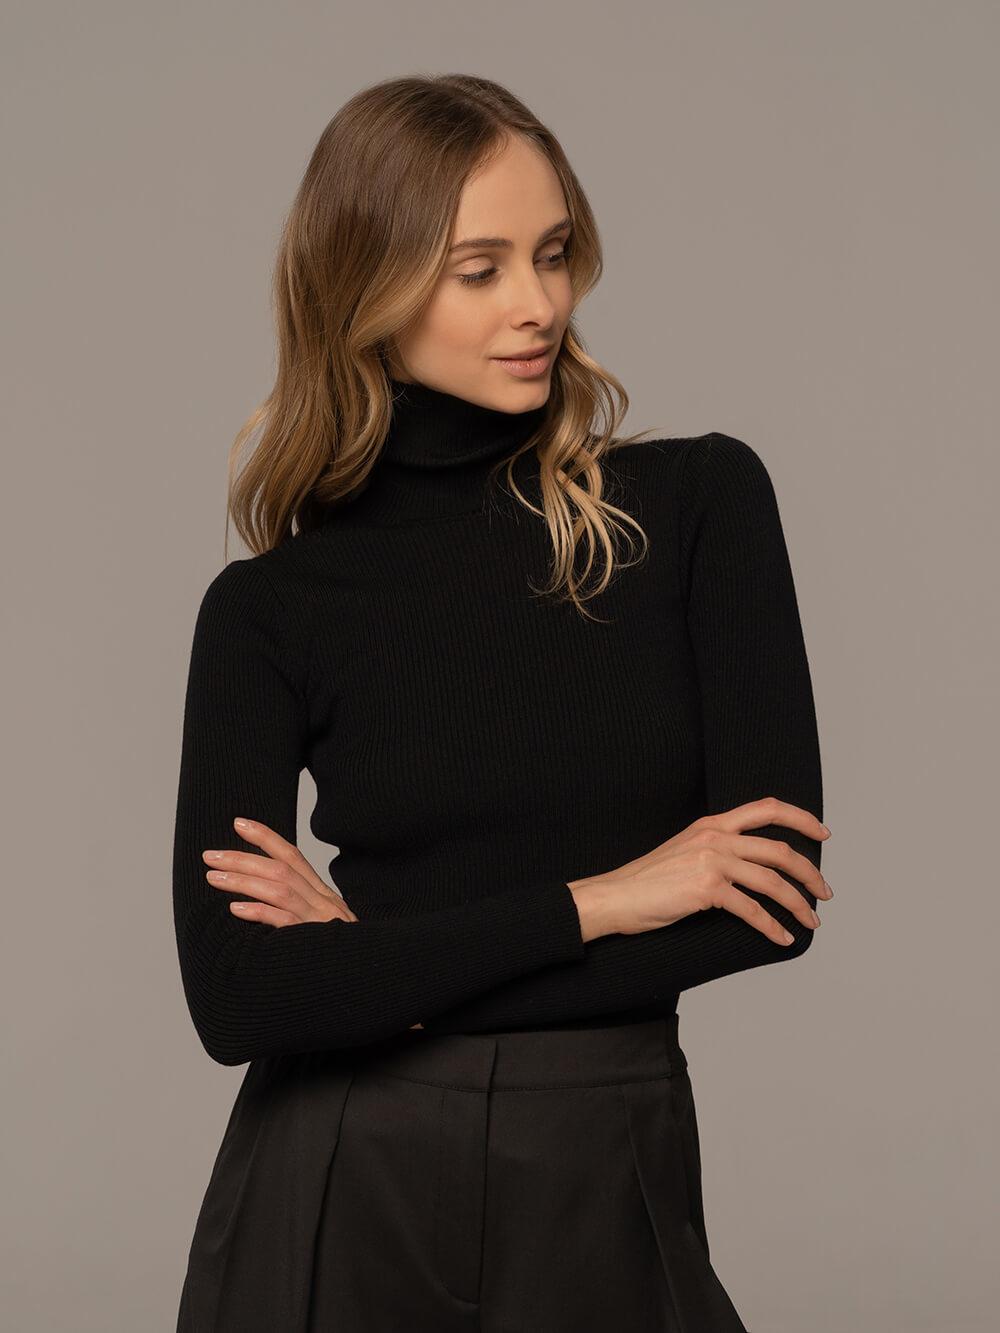 Женский свитер черного цвета из 100% шерсти